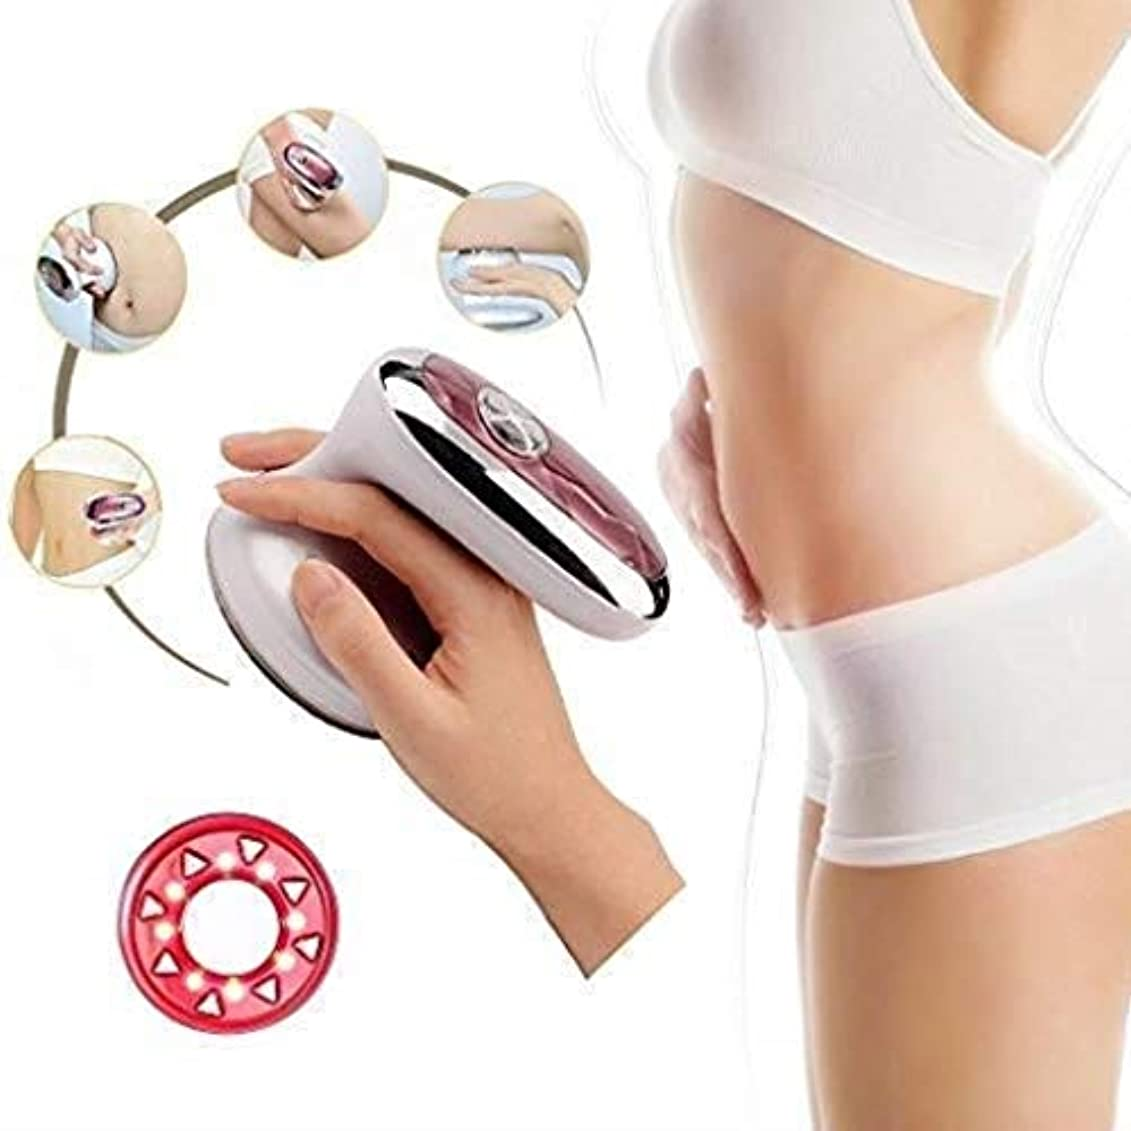 印刷する感じる従来の美容マッサージ器、RF超音波ボディスリミングマッサージ器、ポータブル脂肪バーナー、振動美容インストゥルメント、腰とスリミングファーミングスキン/シェーピング美容インストゥルメント